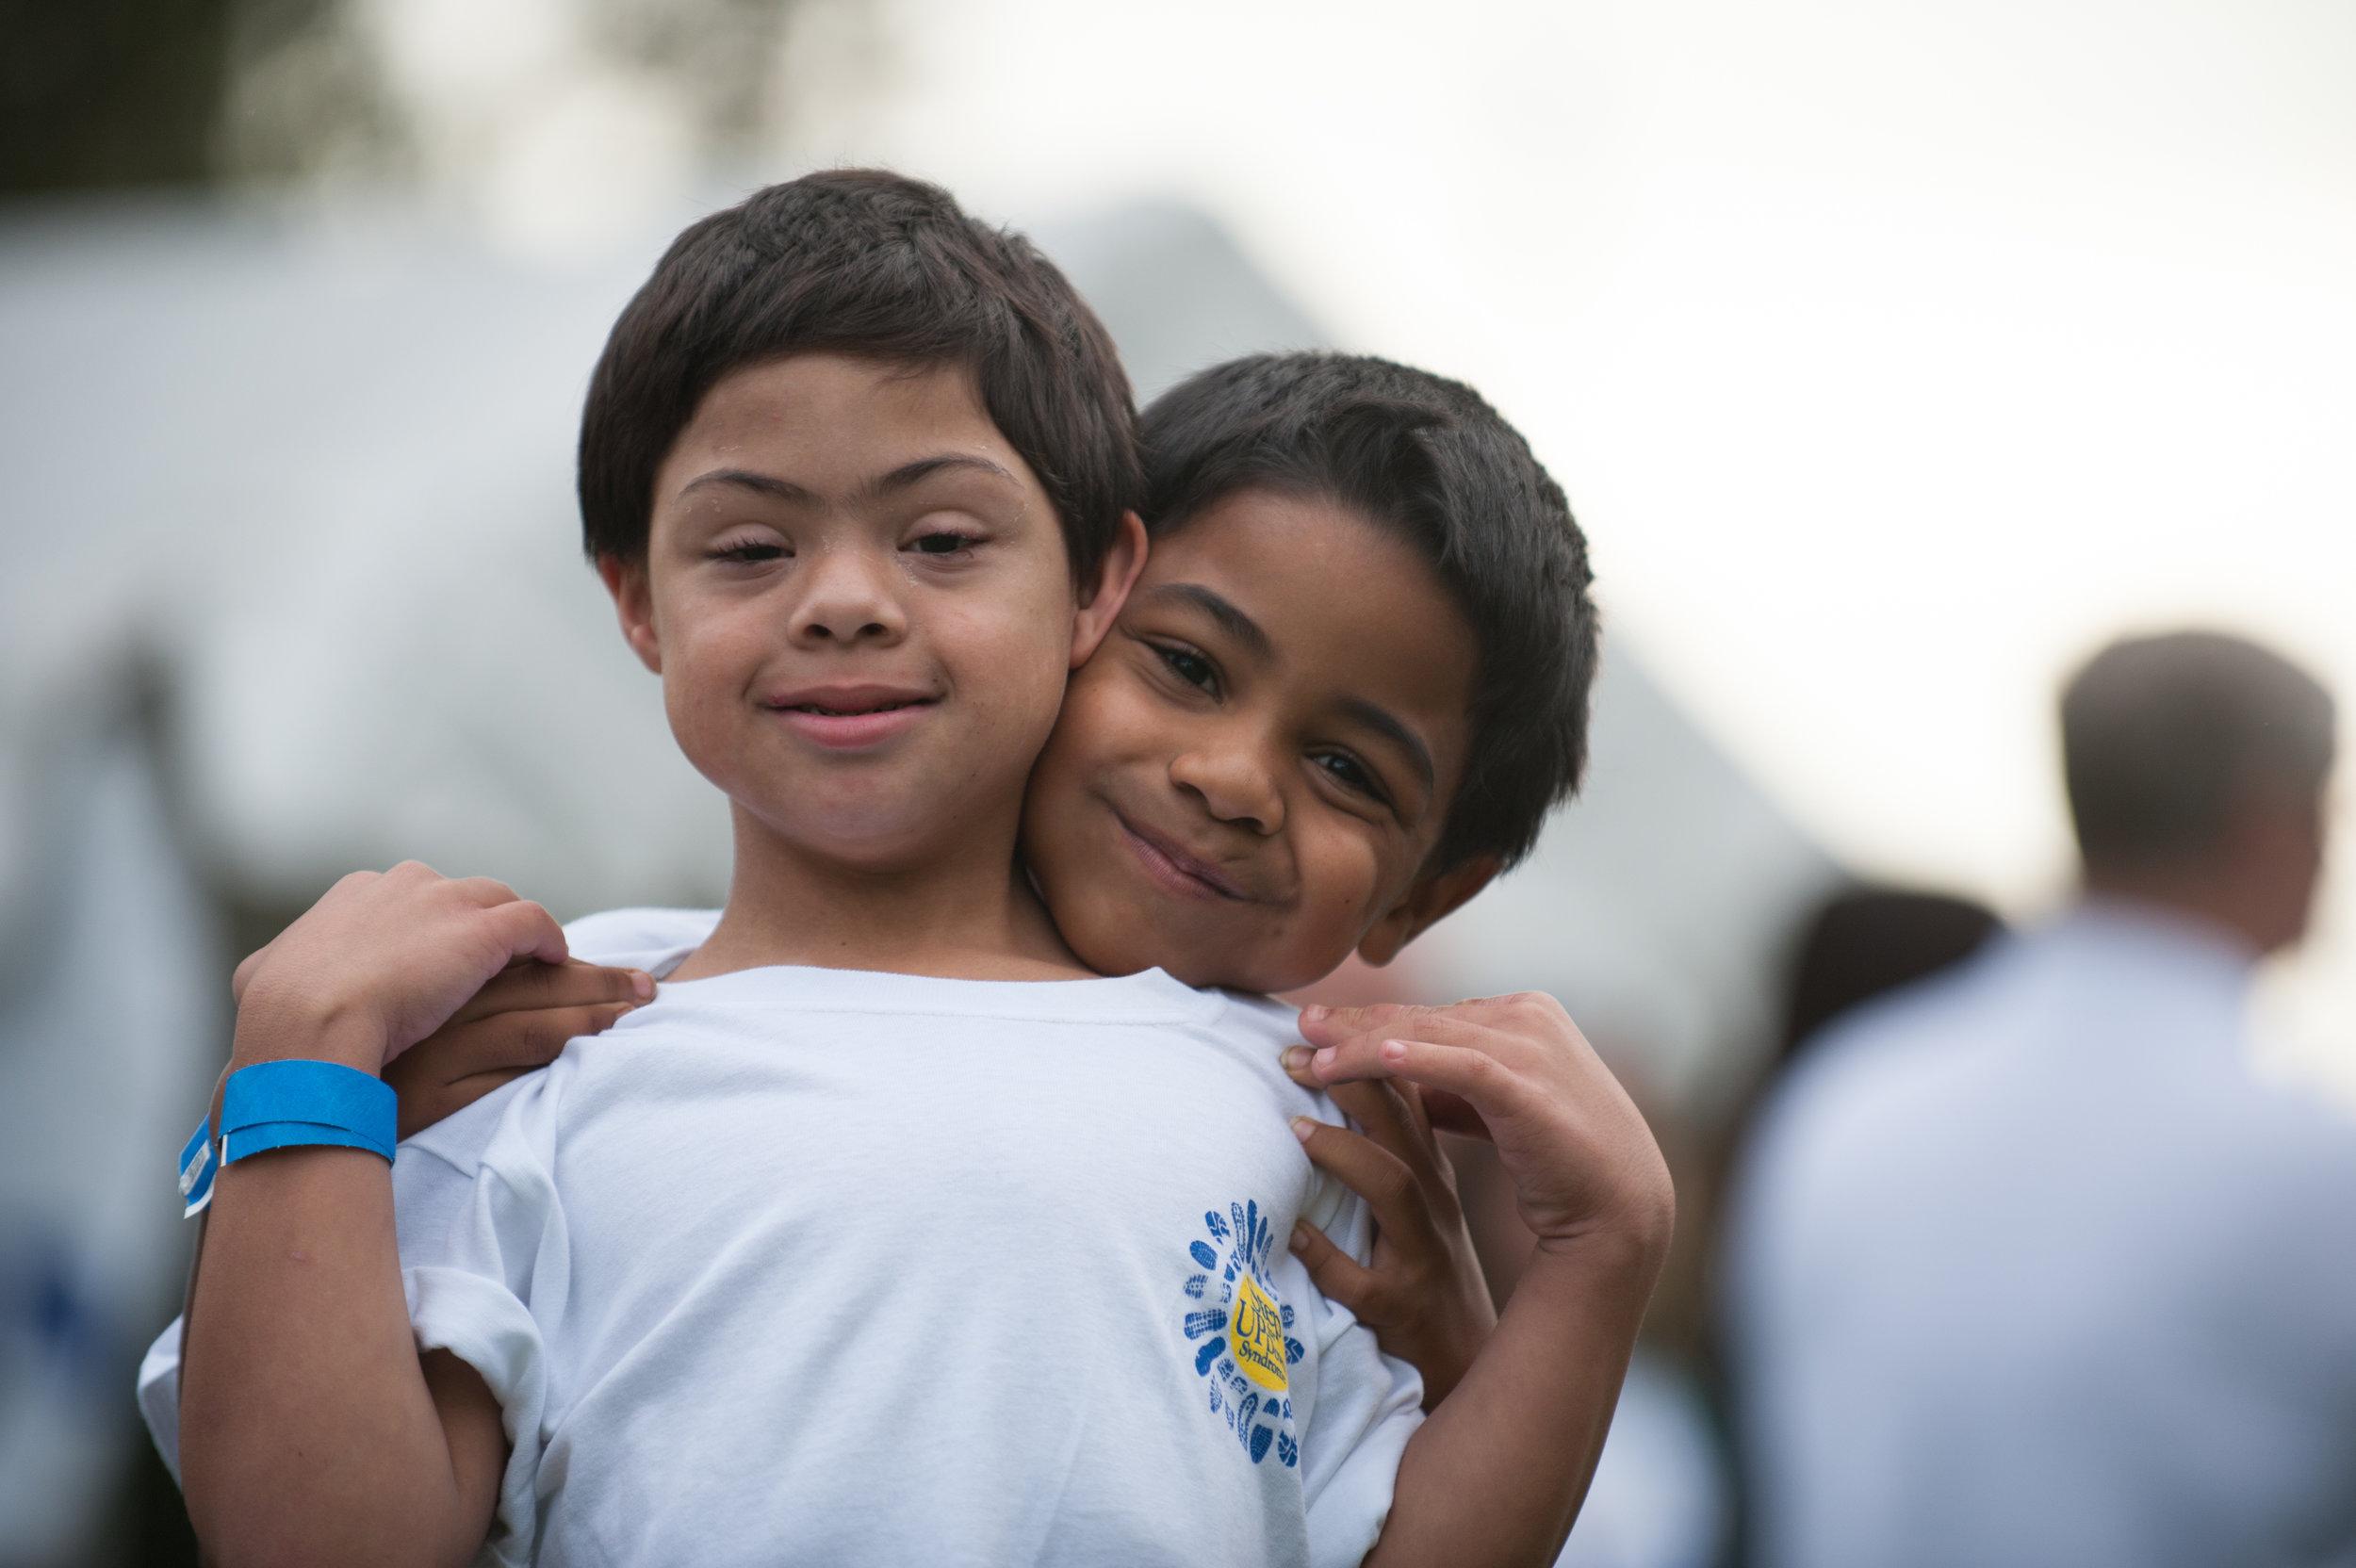 hispanic brothers over shoulder.jpg